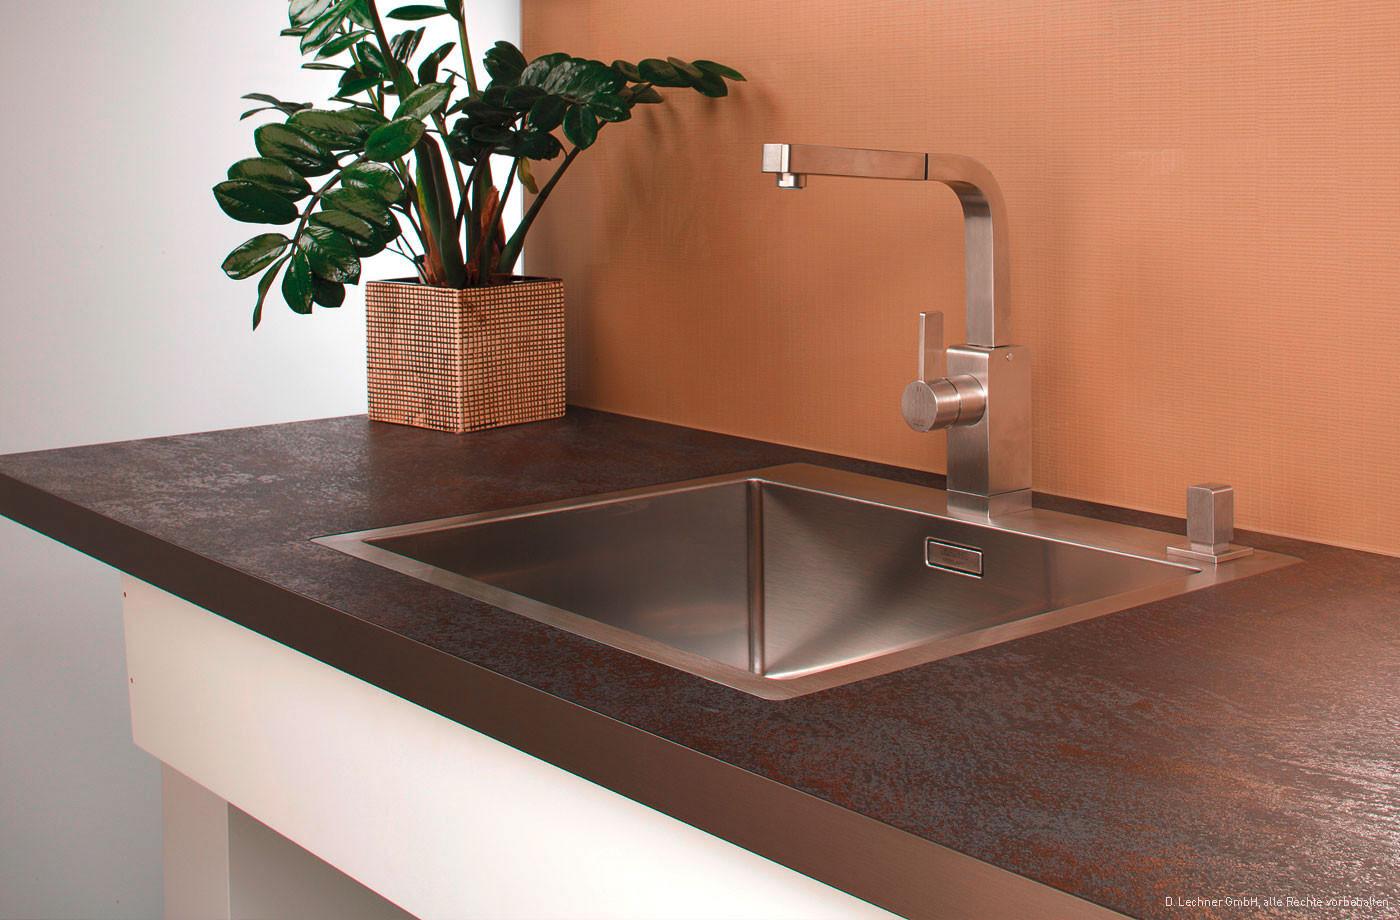 Küche Arbeitsplatte  Arbeitsplatte Holz KUche Versiegeln – Bvrao